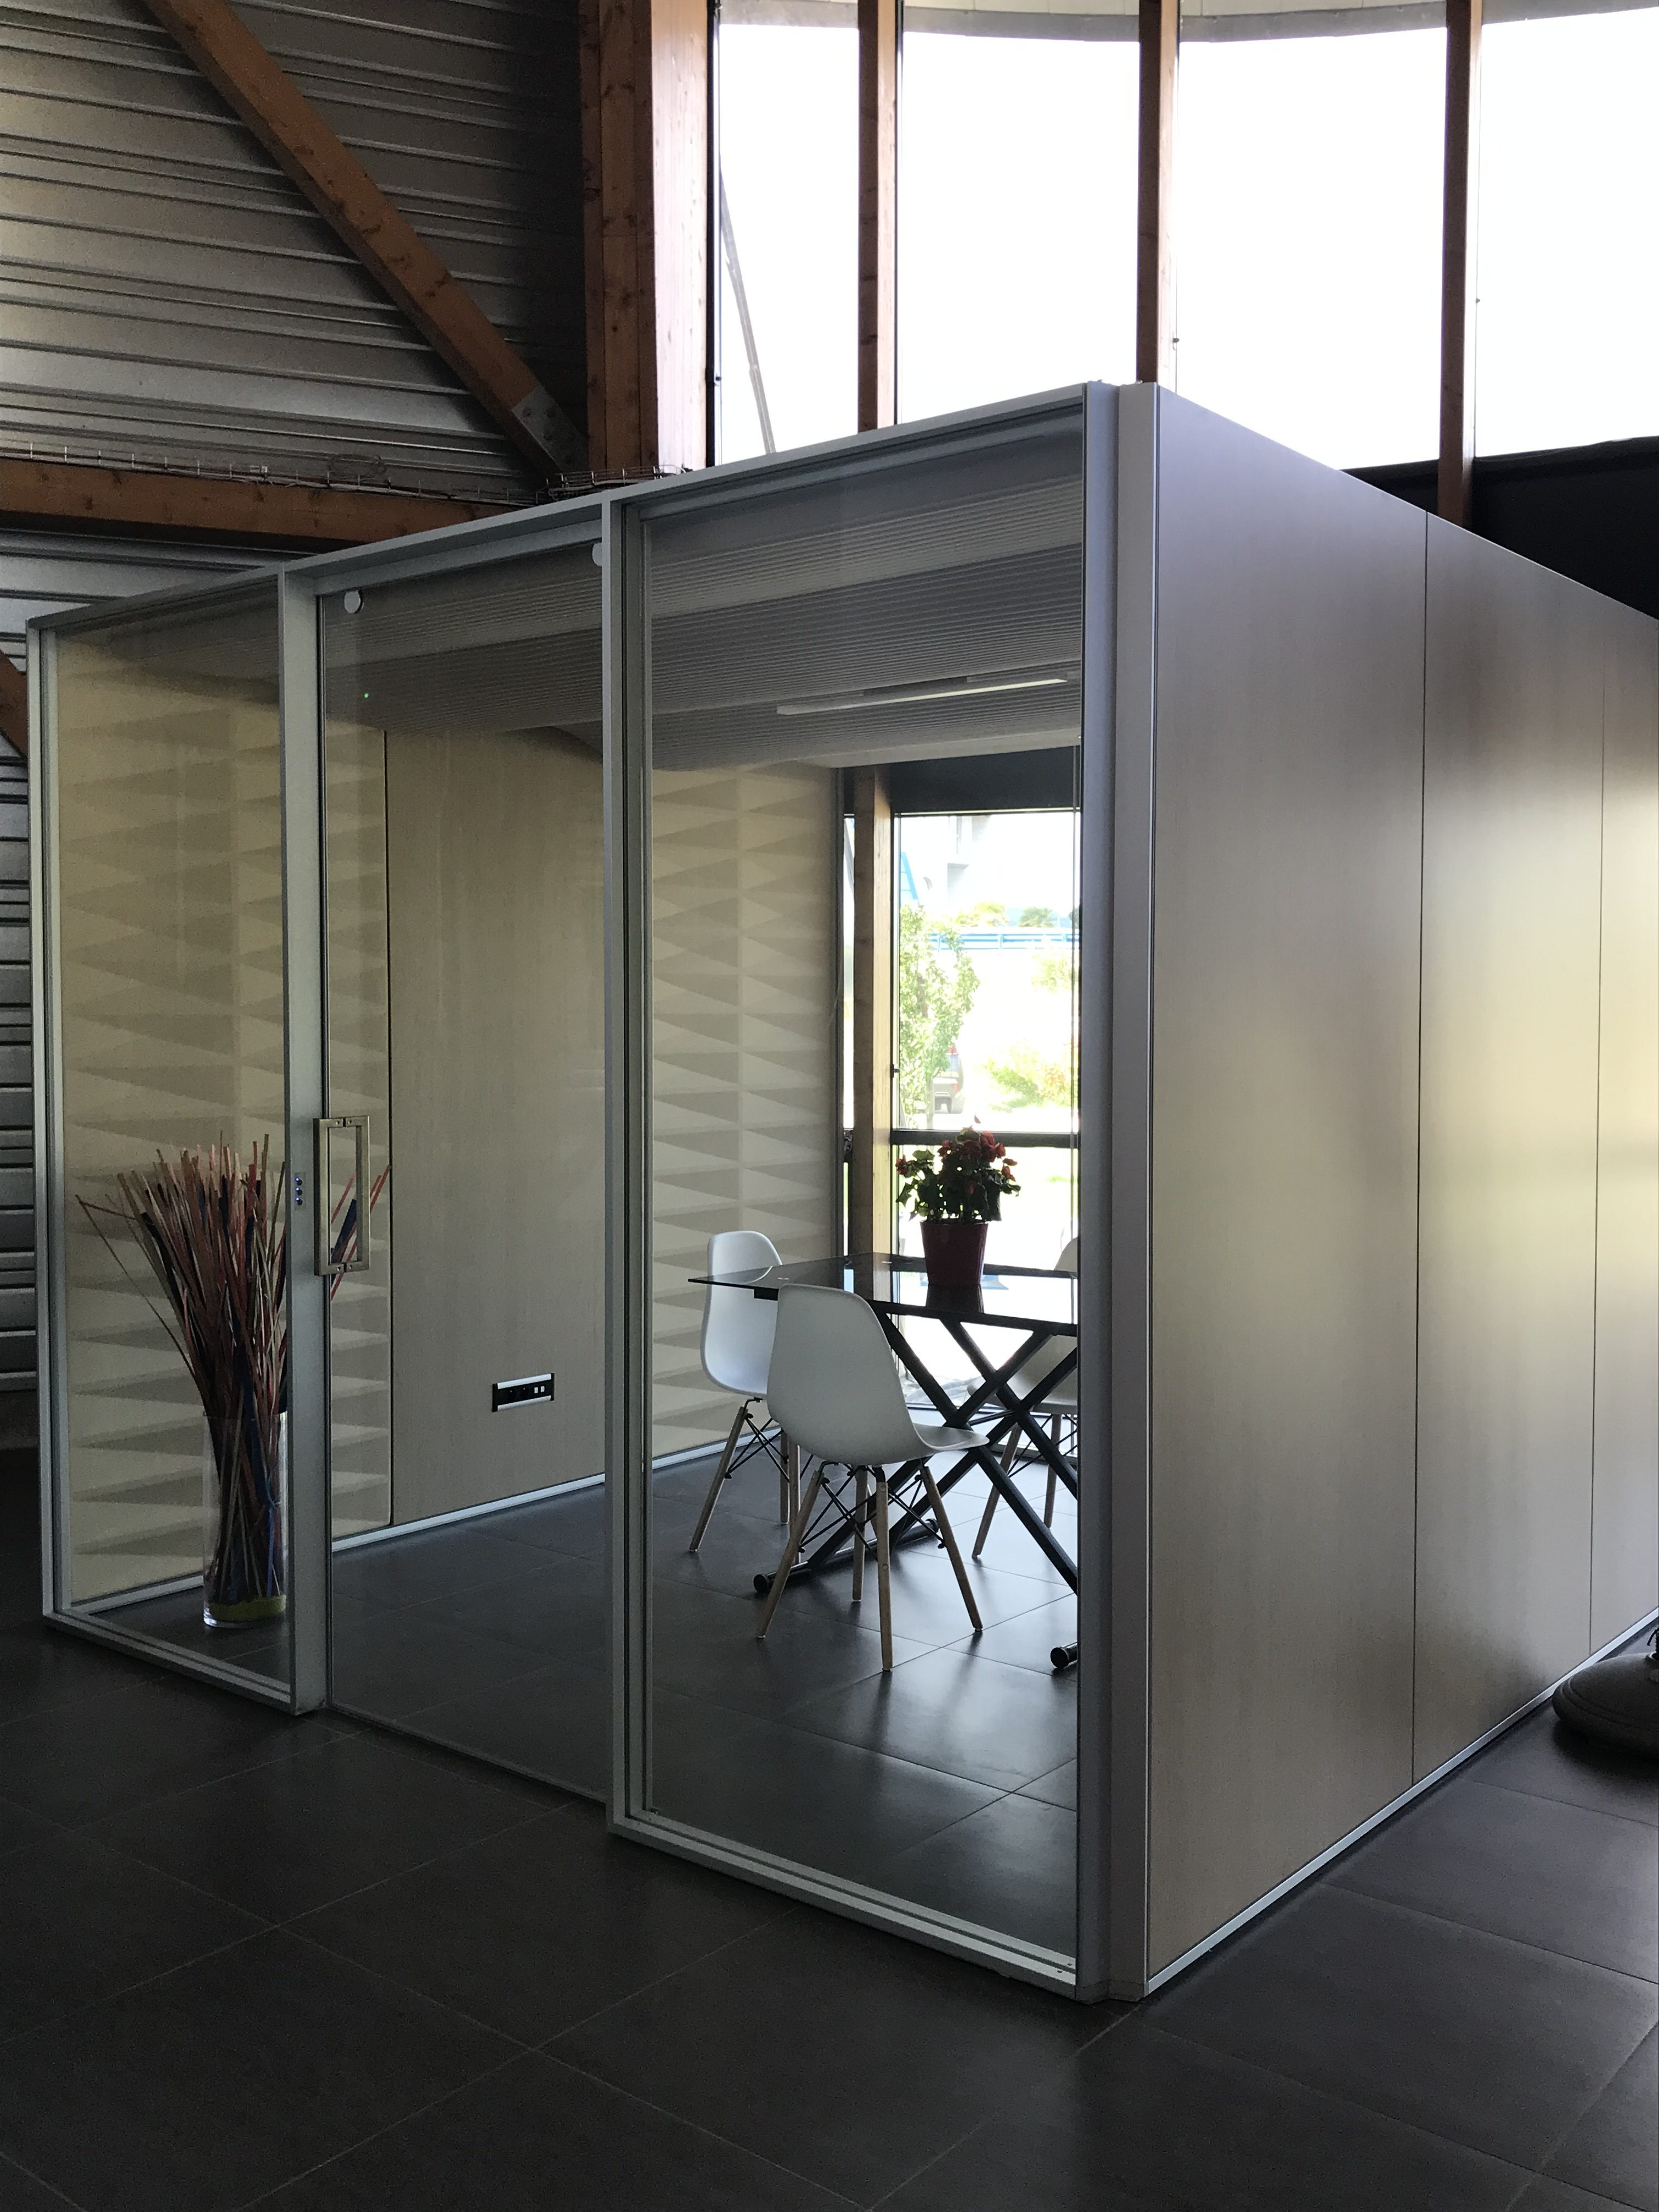 Location Box acoustique - Numérian